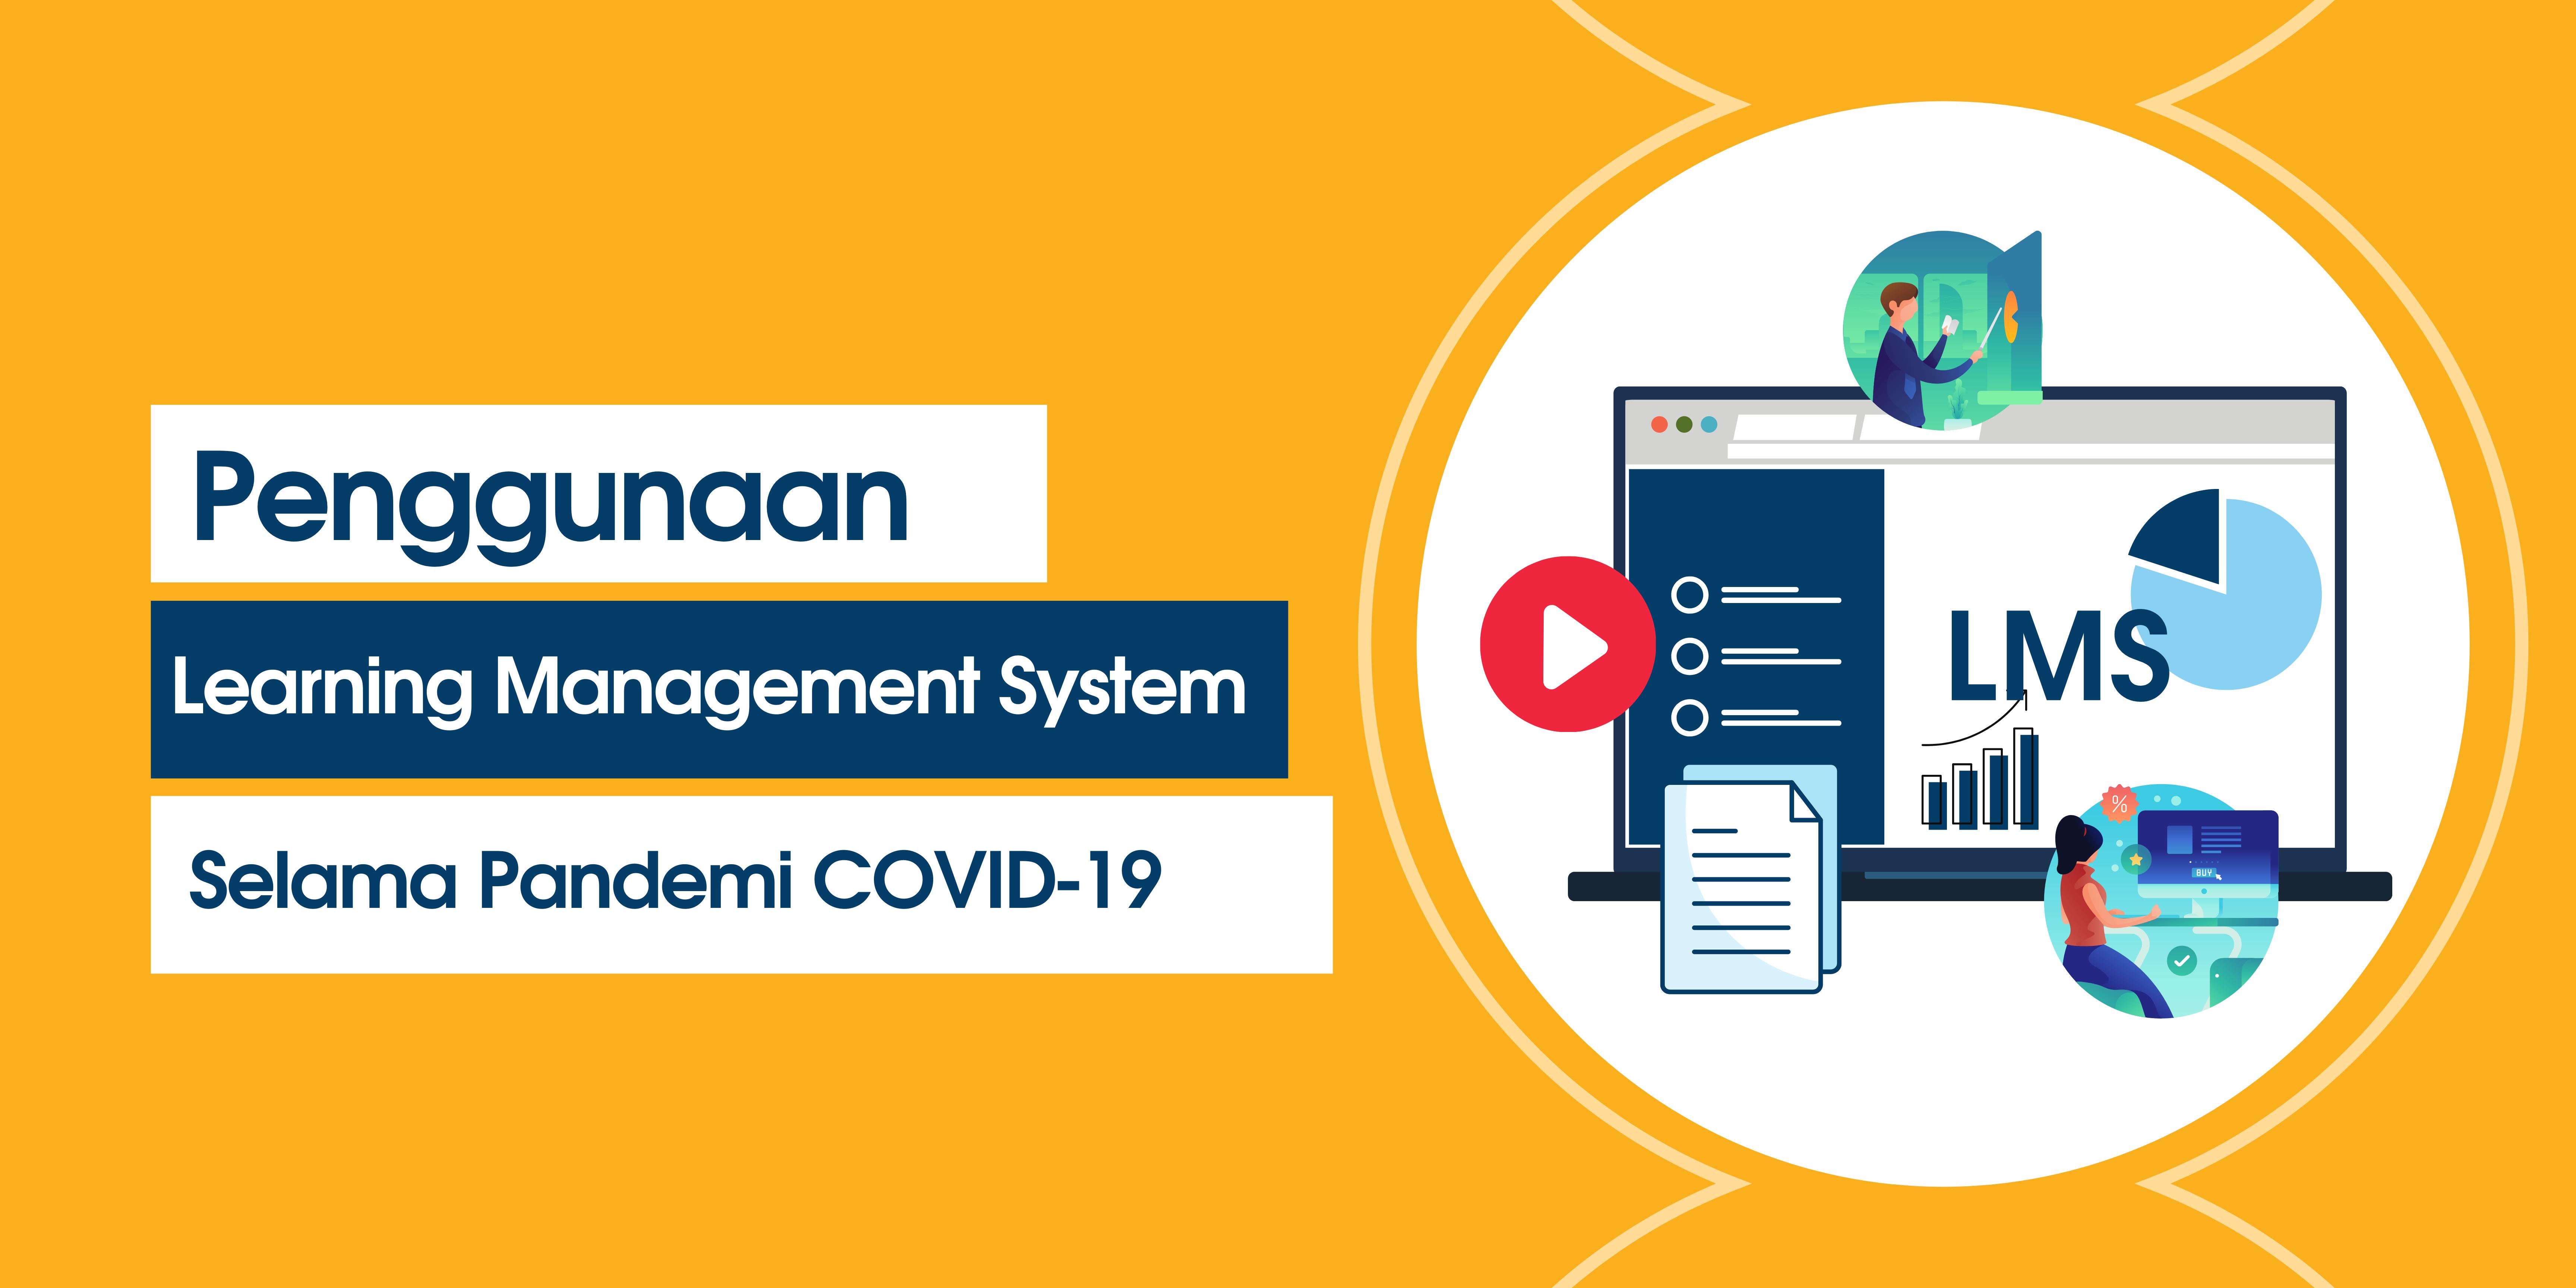 Penggunaan Learning Management System Selama Pandemi COVID-19